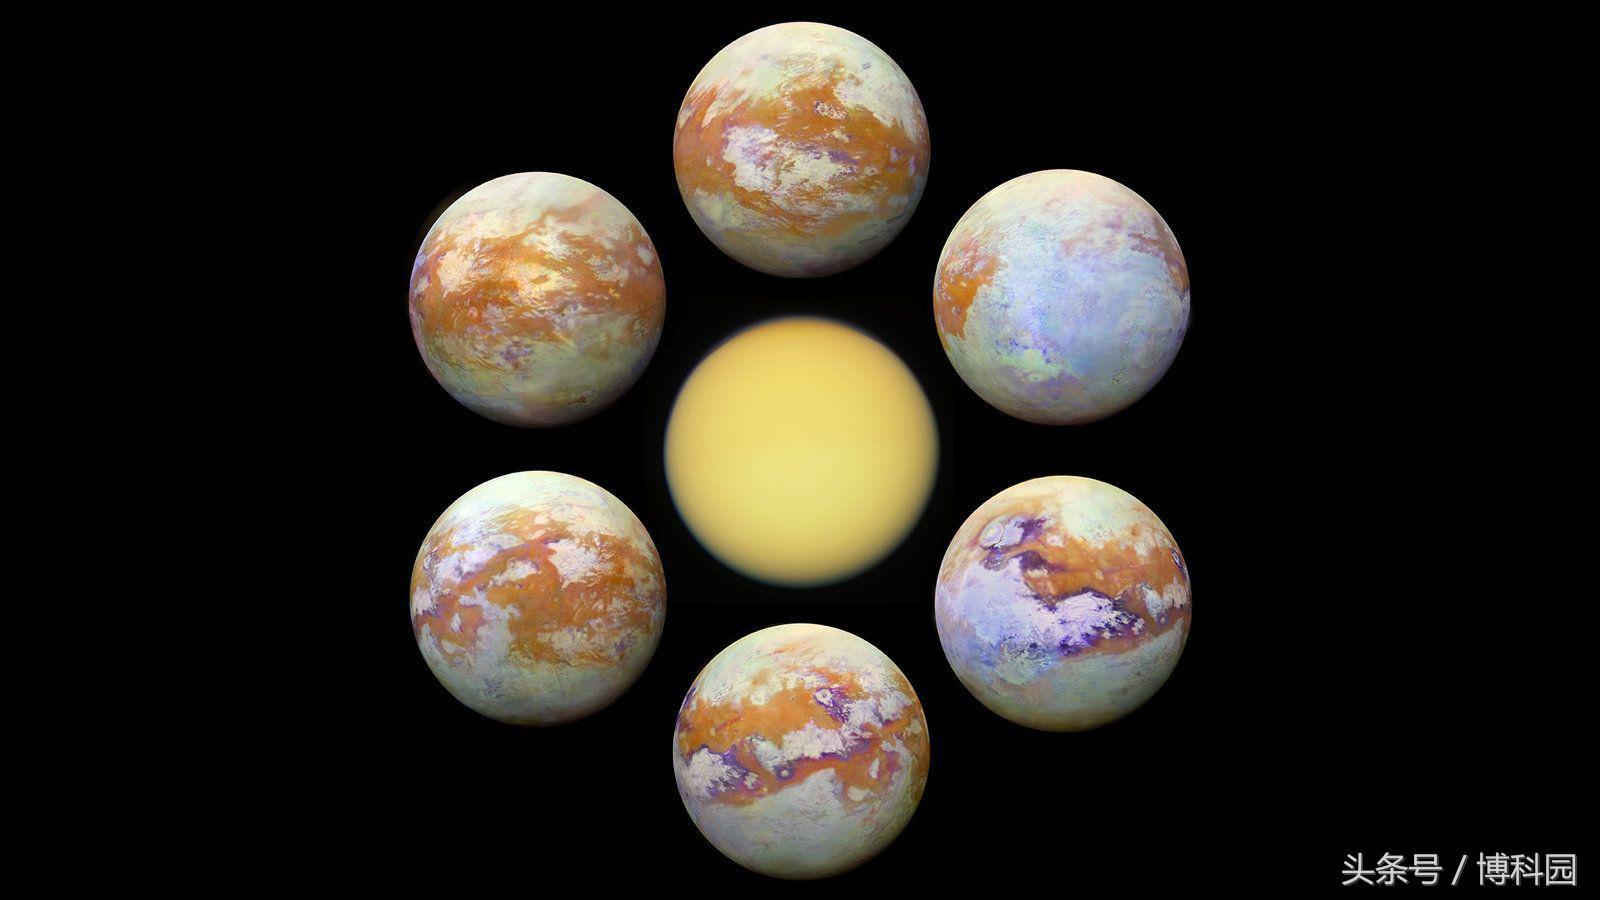 """迄今最清晰图像!红外波段的土星卫星""""泰坦"""""""